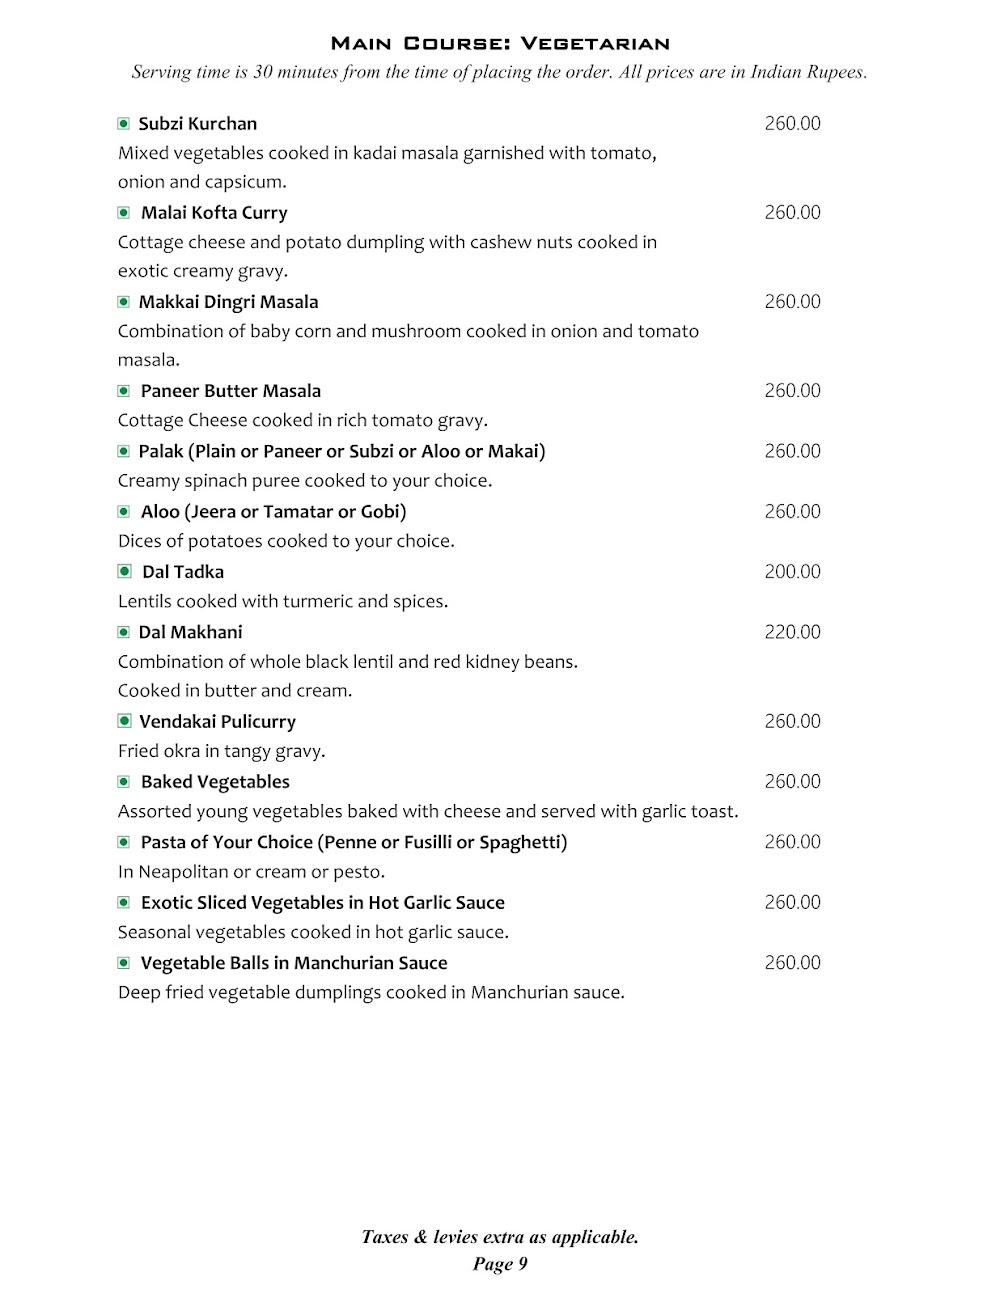 Cafe @ Elanza menu 14